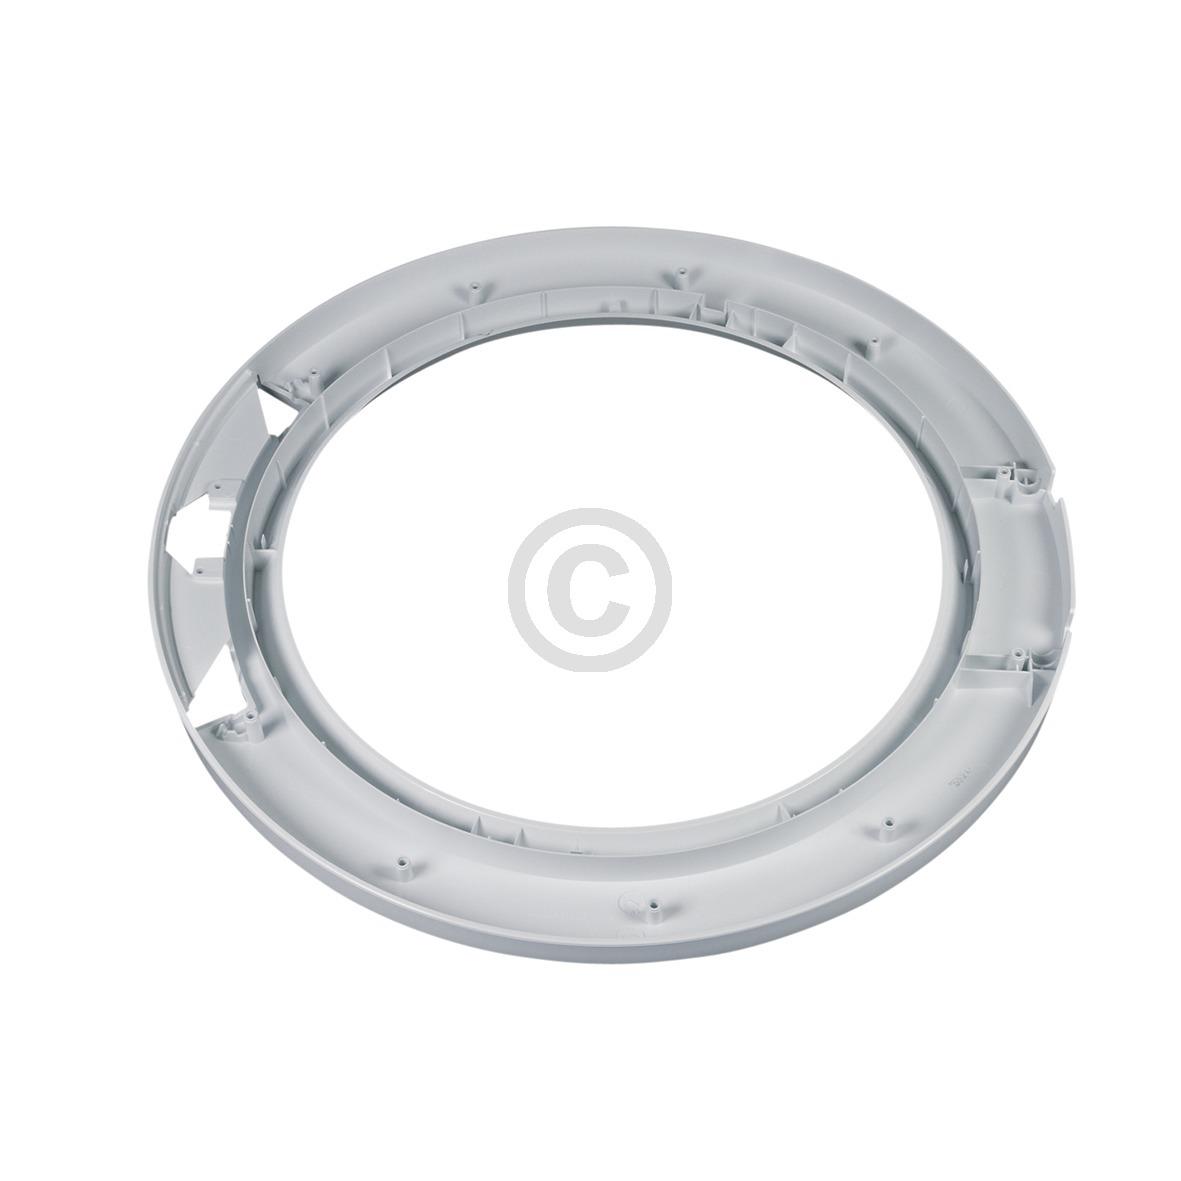 Türring außen Bosch 18006699 Fensterrahmen weiß für Waschmaschine